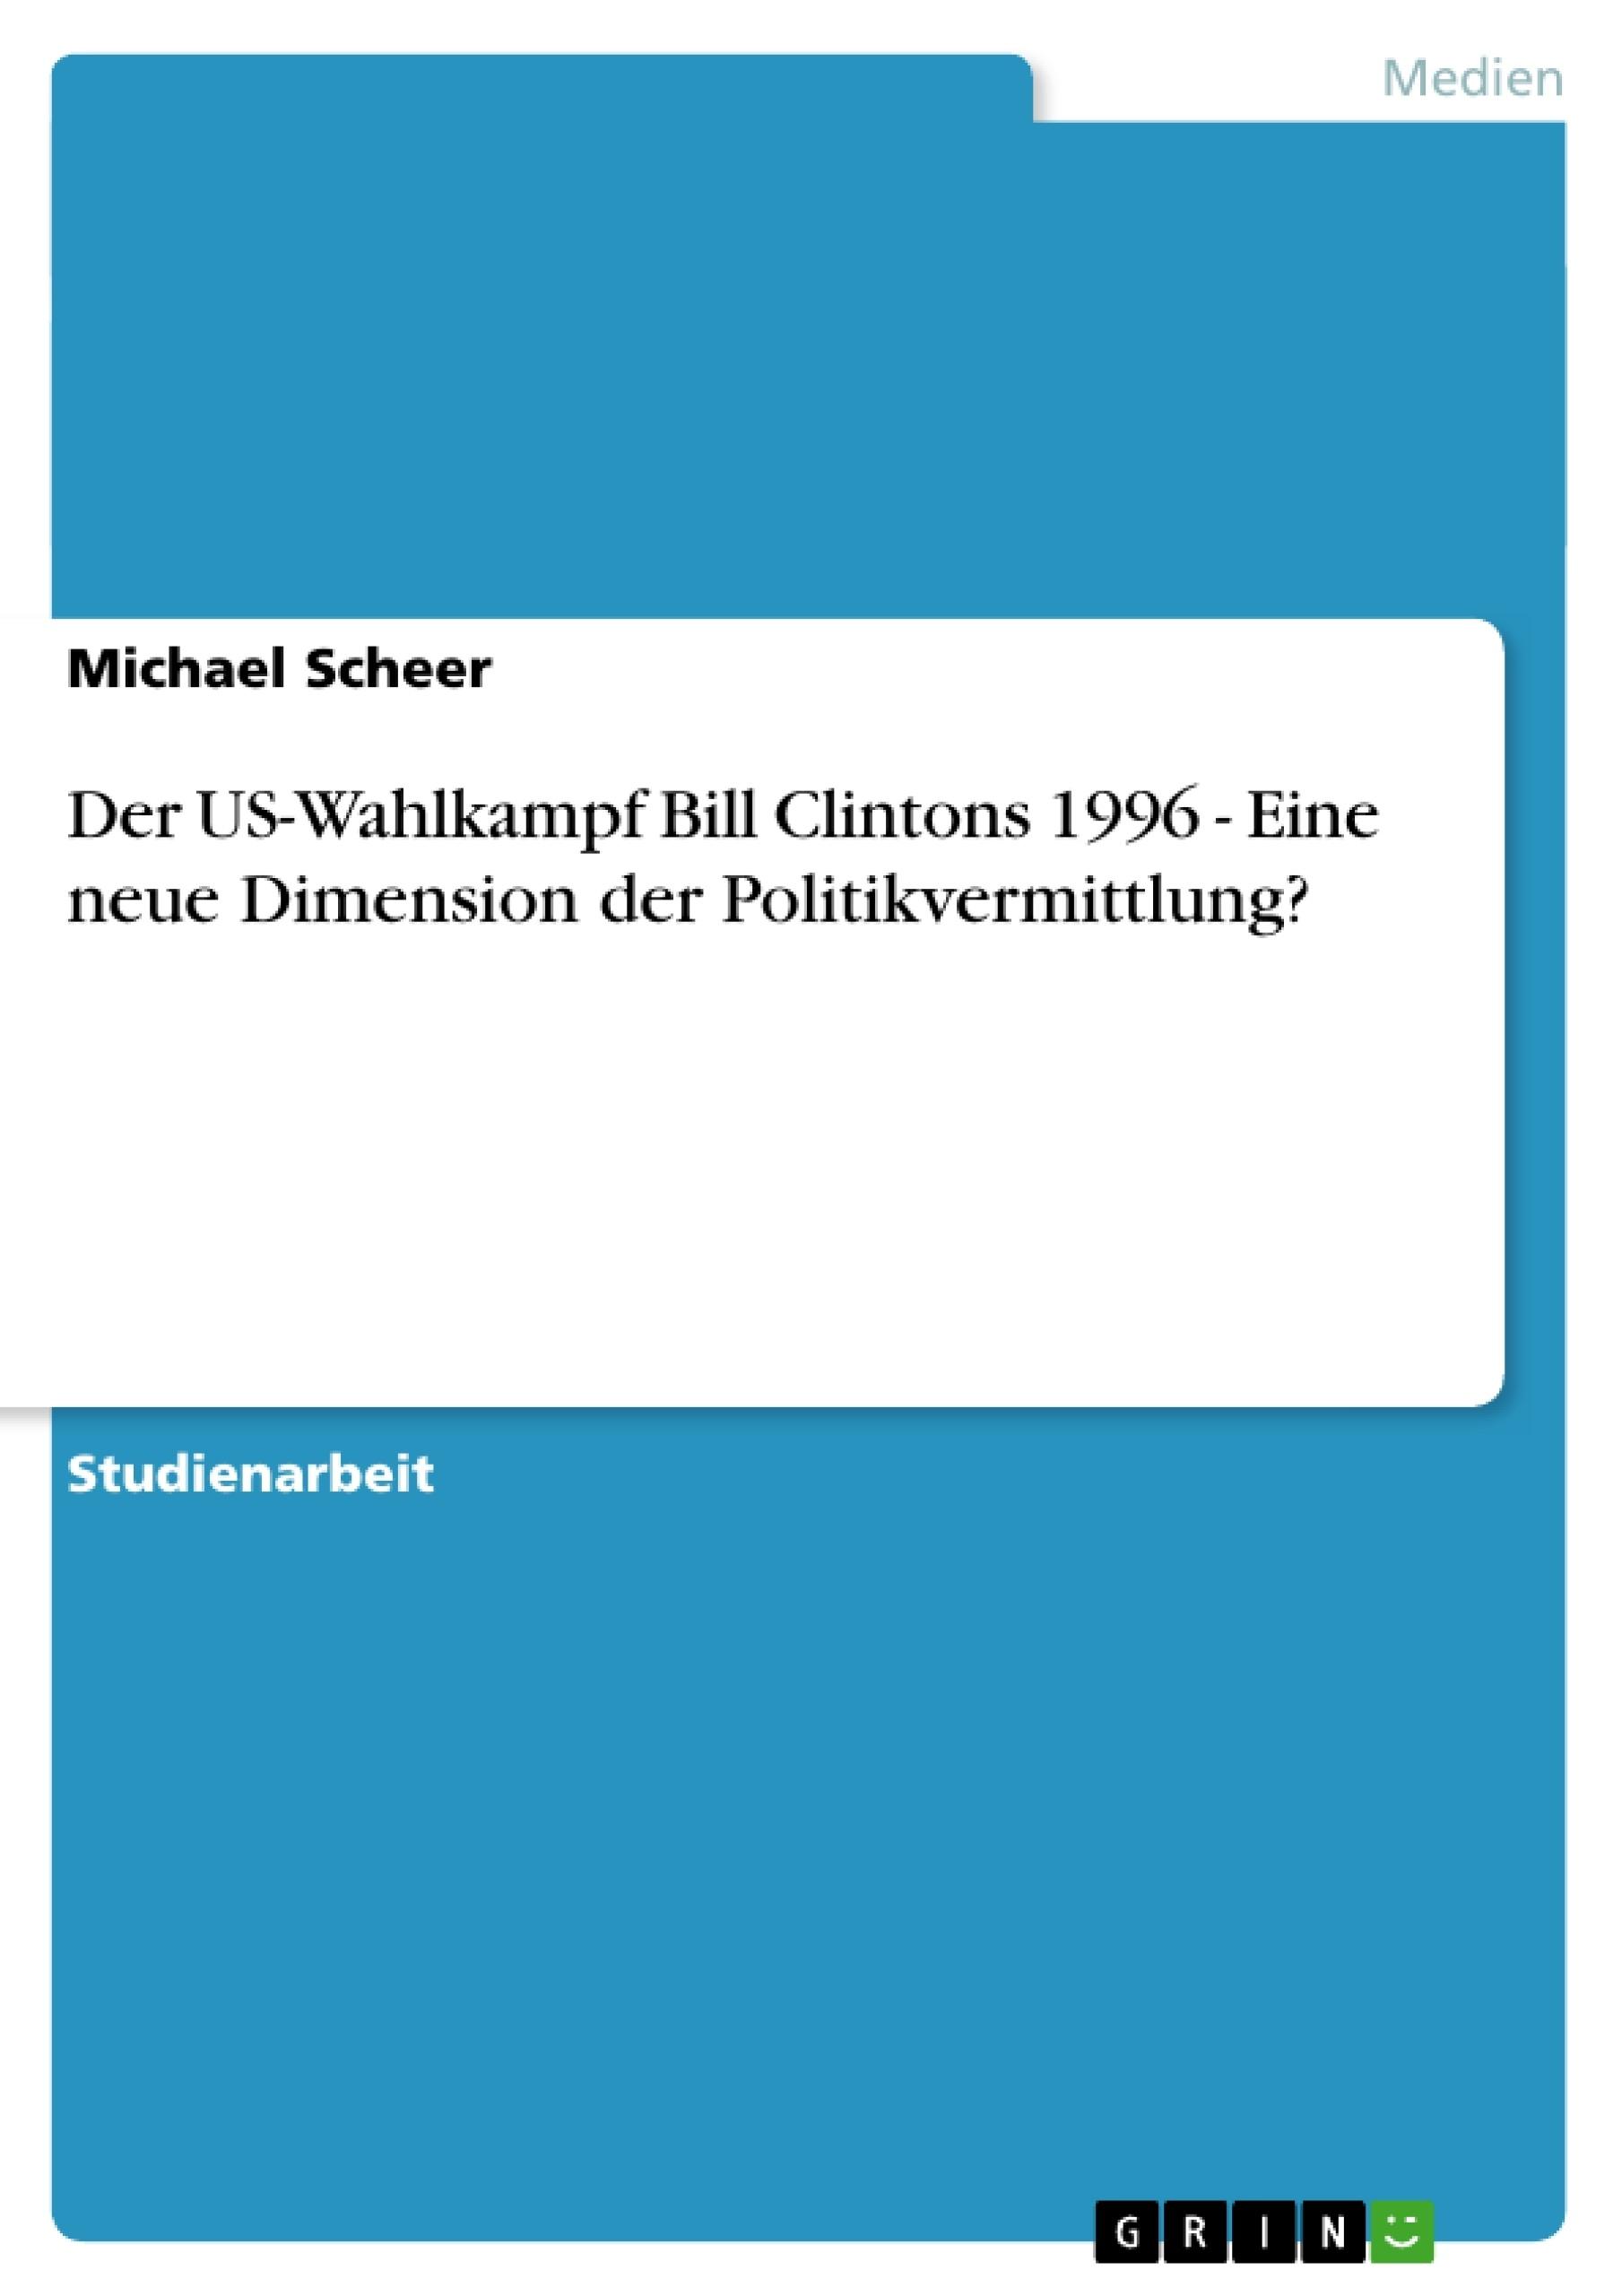 Titel: Der US-Wahlkampf Bill Clintons 1996 - Eine neue Dimension der Politikvermittlung?